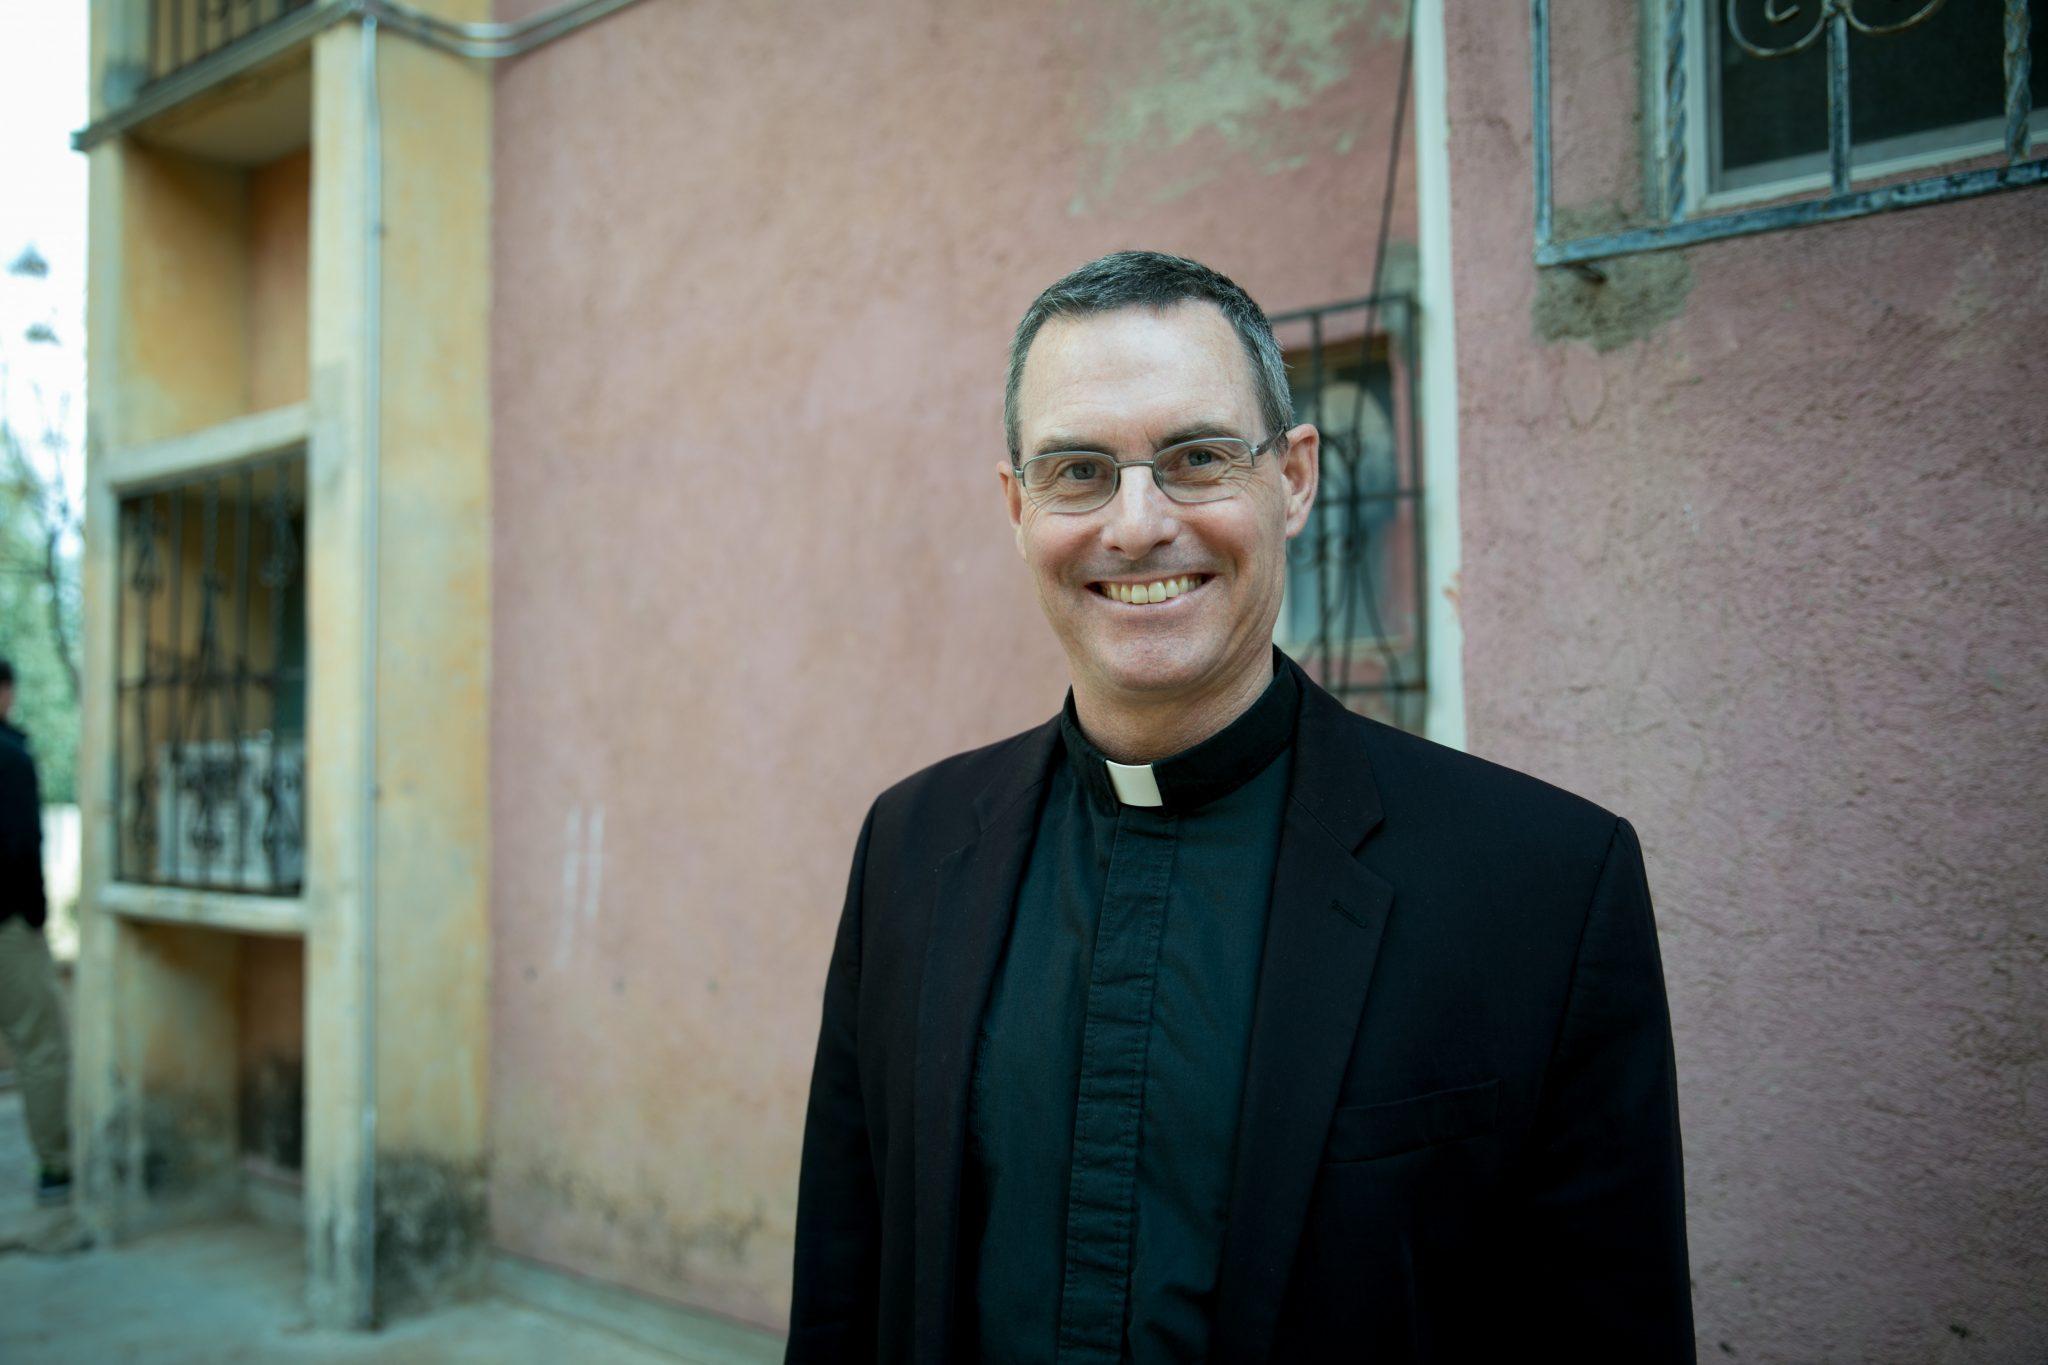 Padre Sean Carroll, SJ, avisa de sus planes de dejar el cargo en marzo 2021